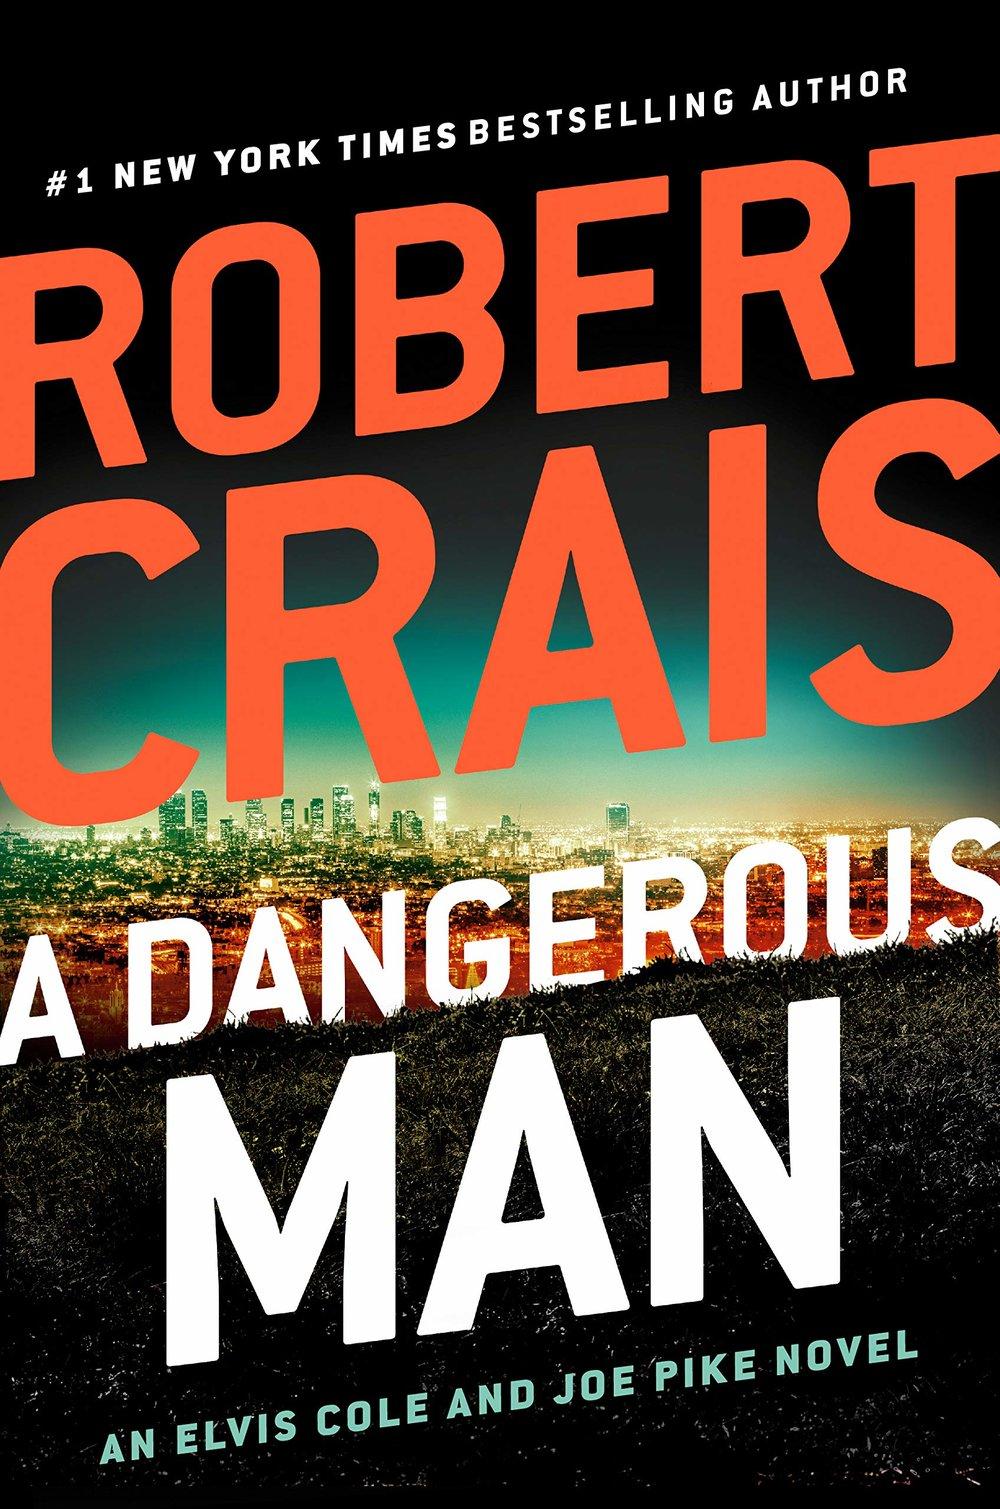 A Dangerous Man_Robert Crais.jpg